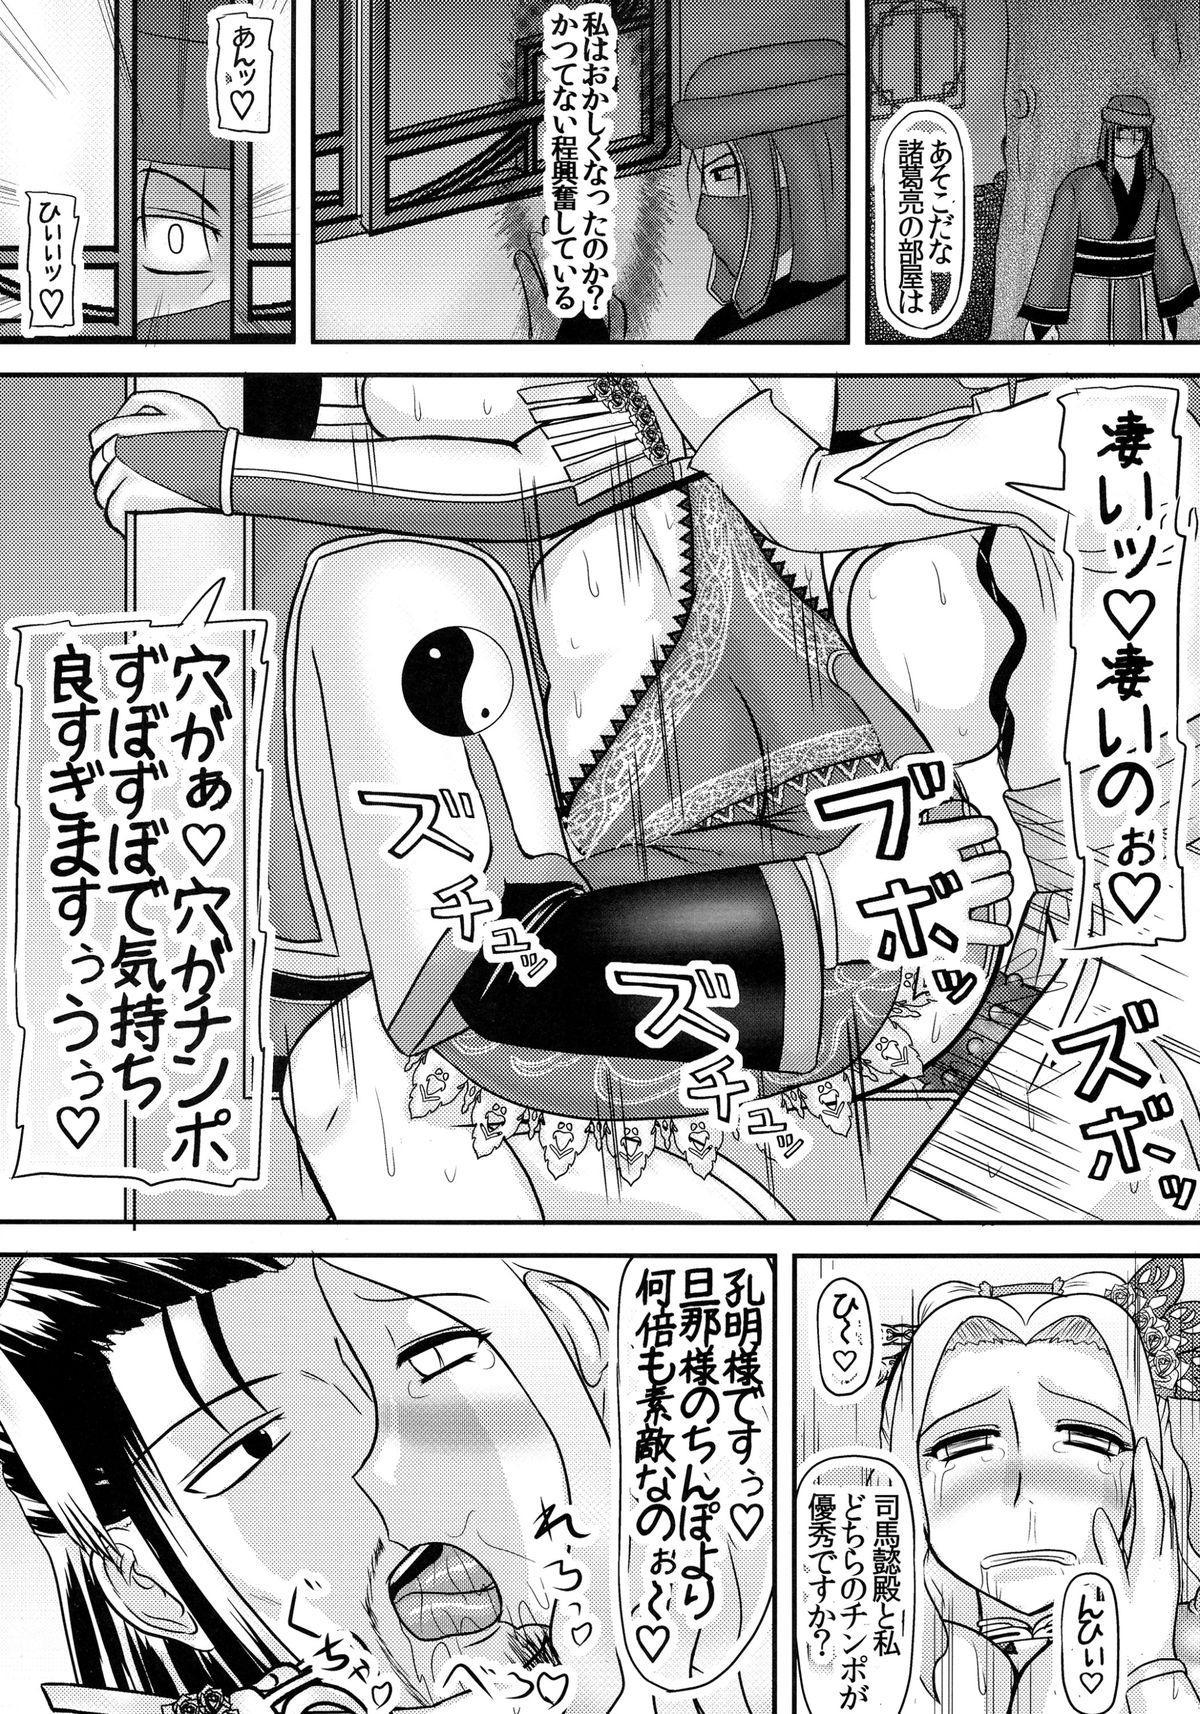 Shukuteki no ko wo Haramu Aisai 15